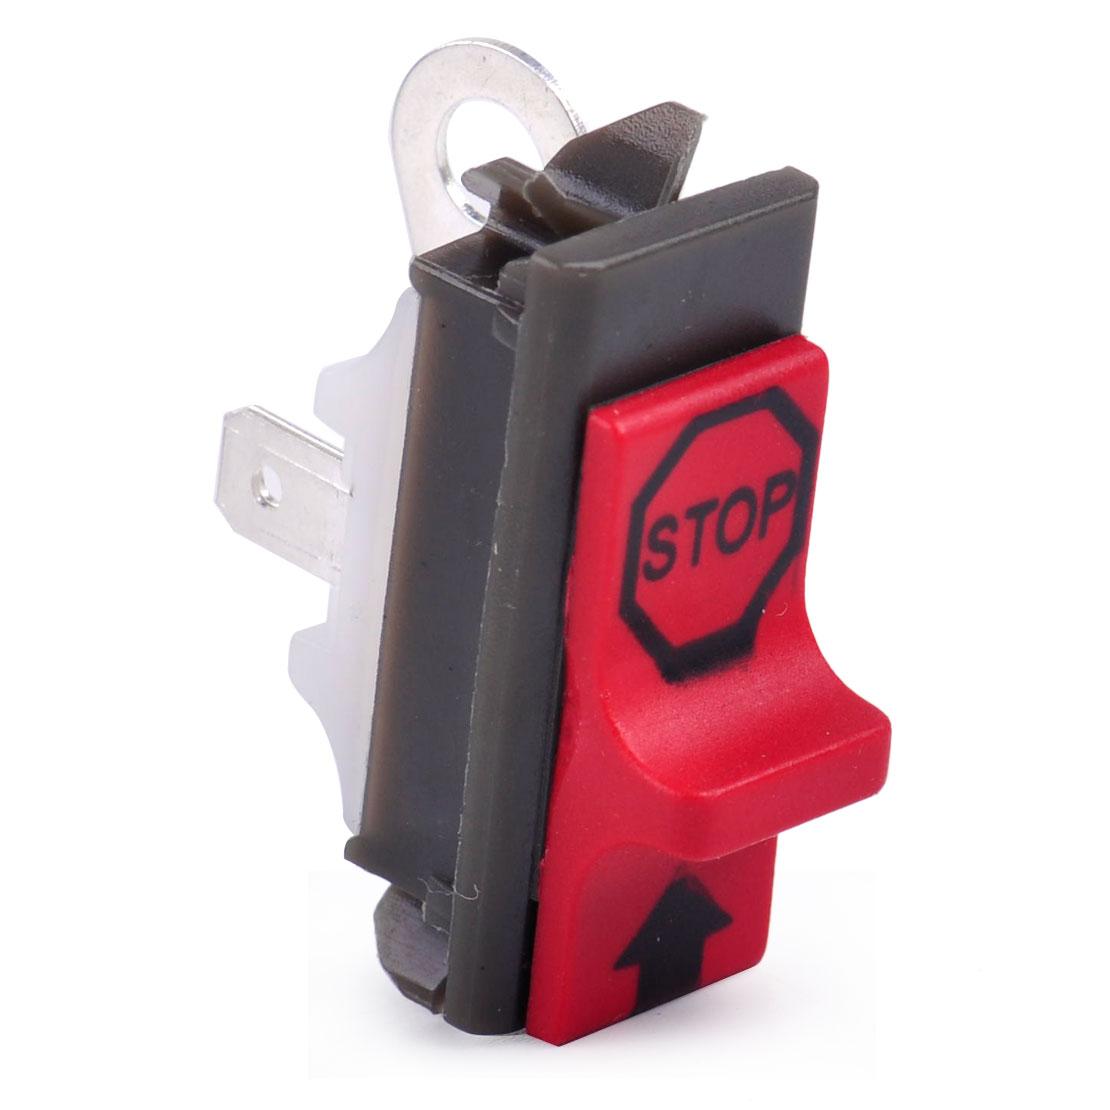 Kettensäge Stop Schalter An aus für Husqvarna 41 42 50 51 55 61 136 137 142